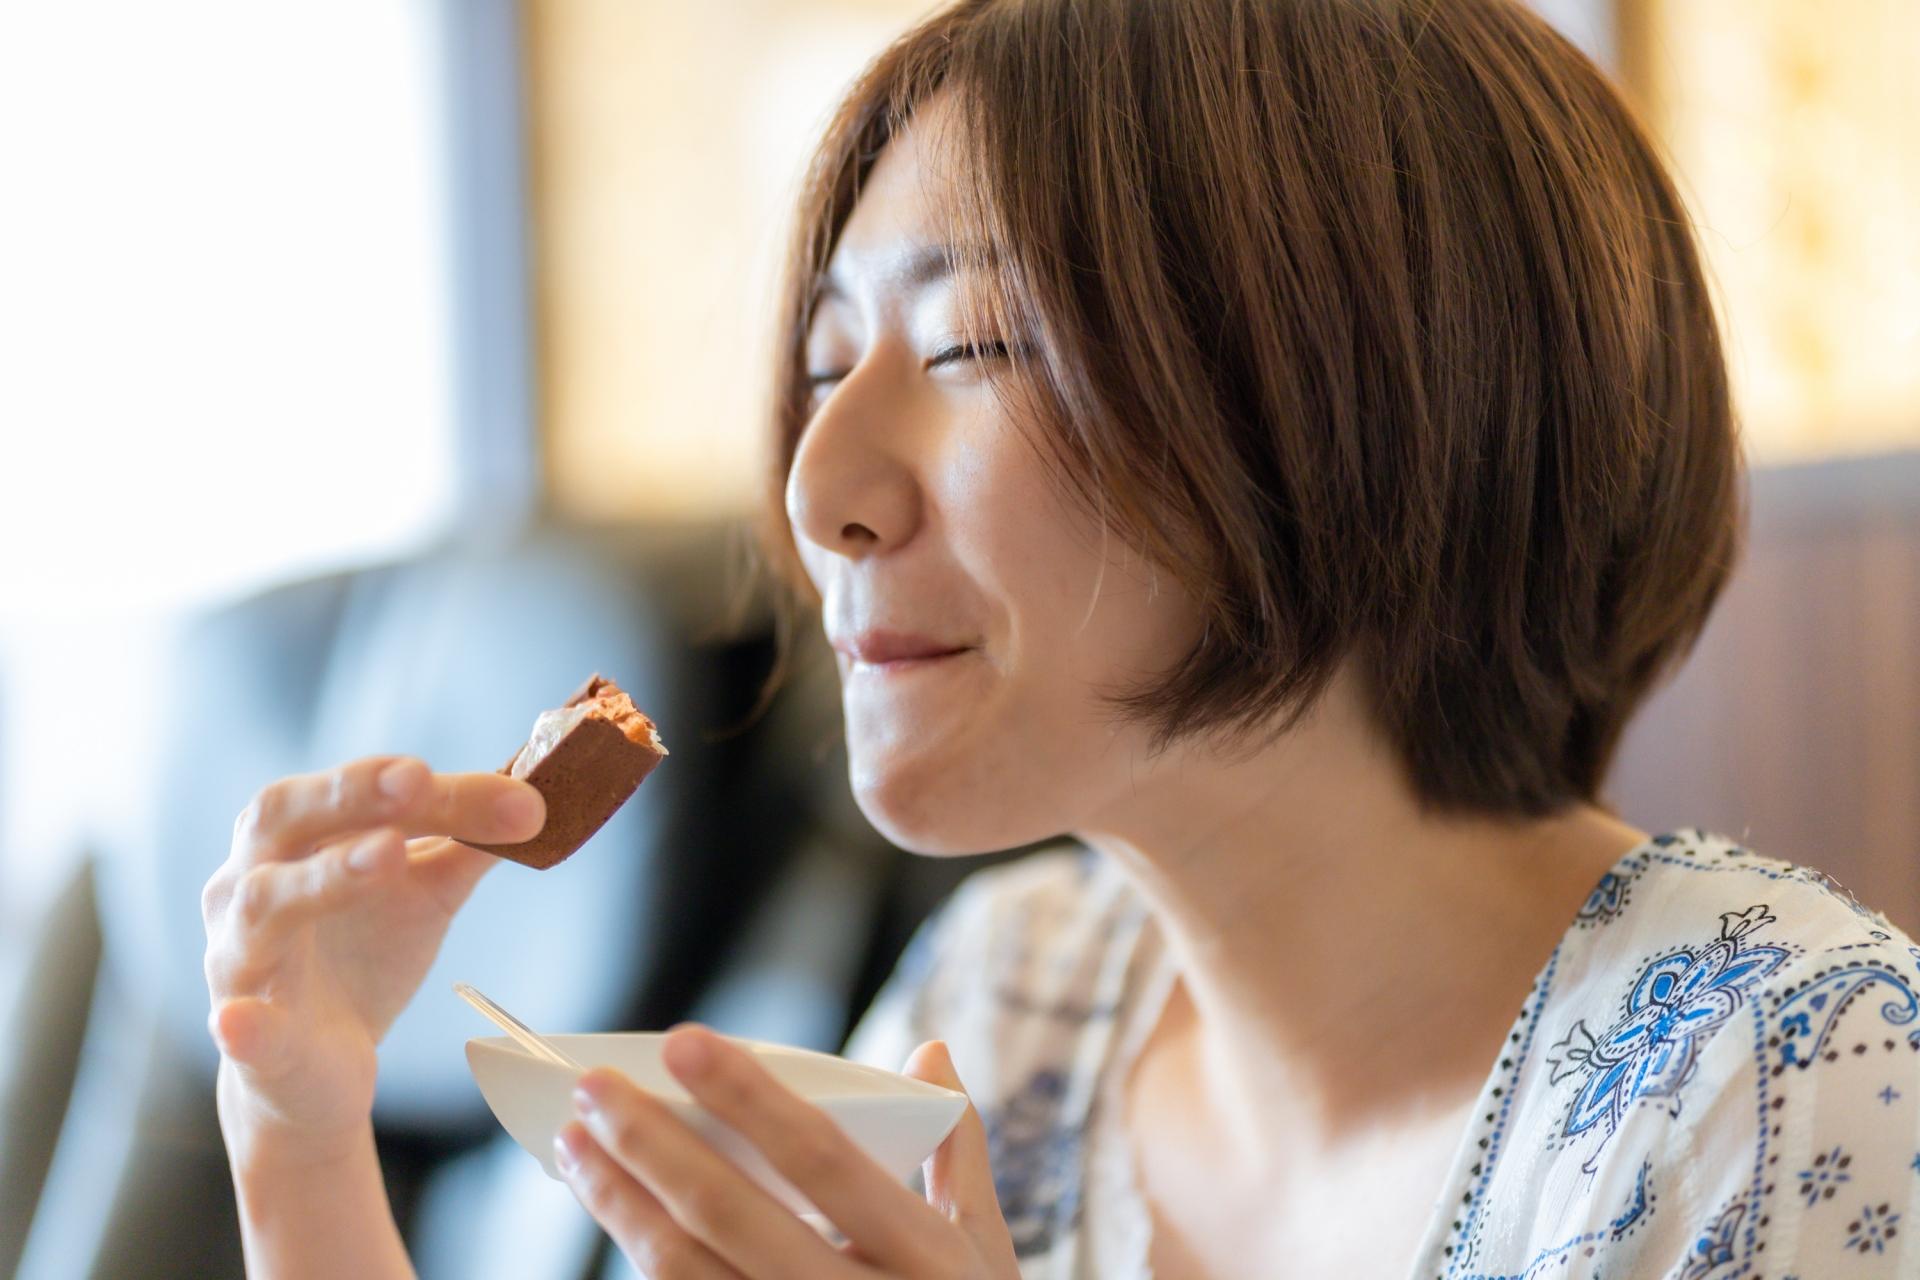 チョコを食べる女性